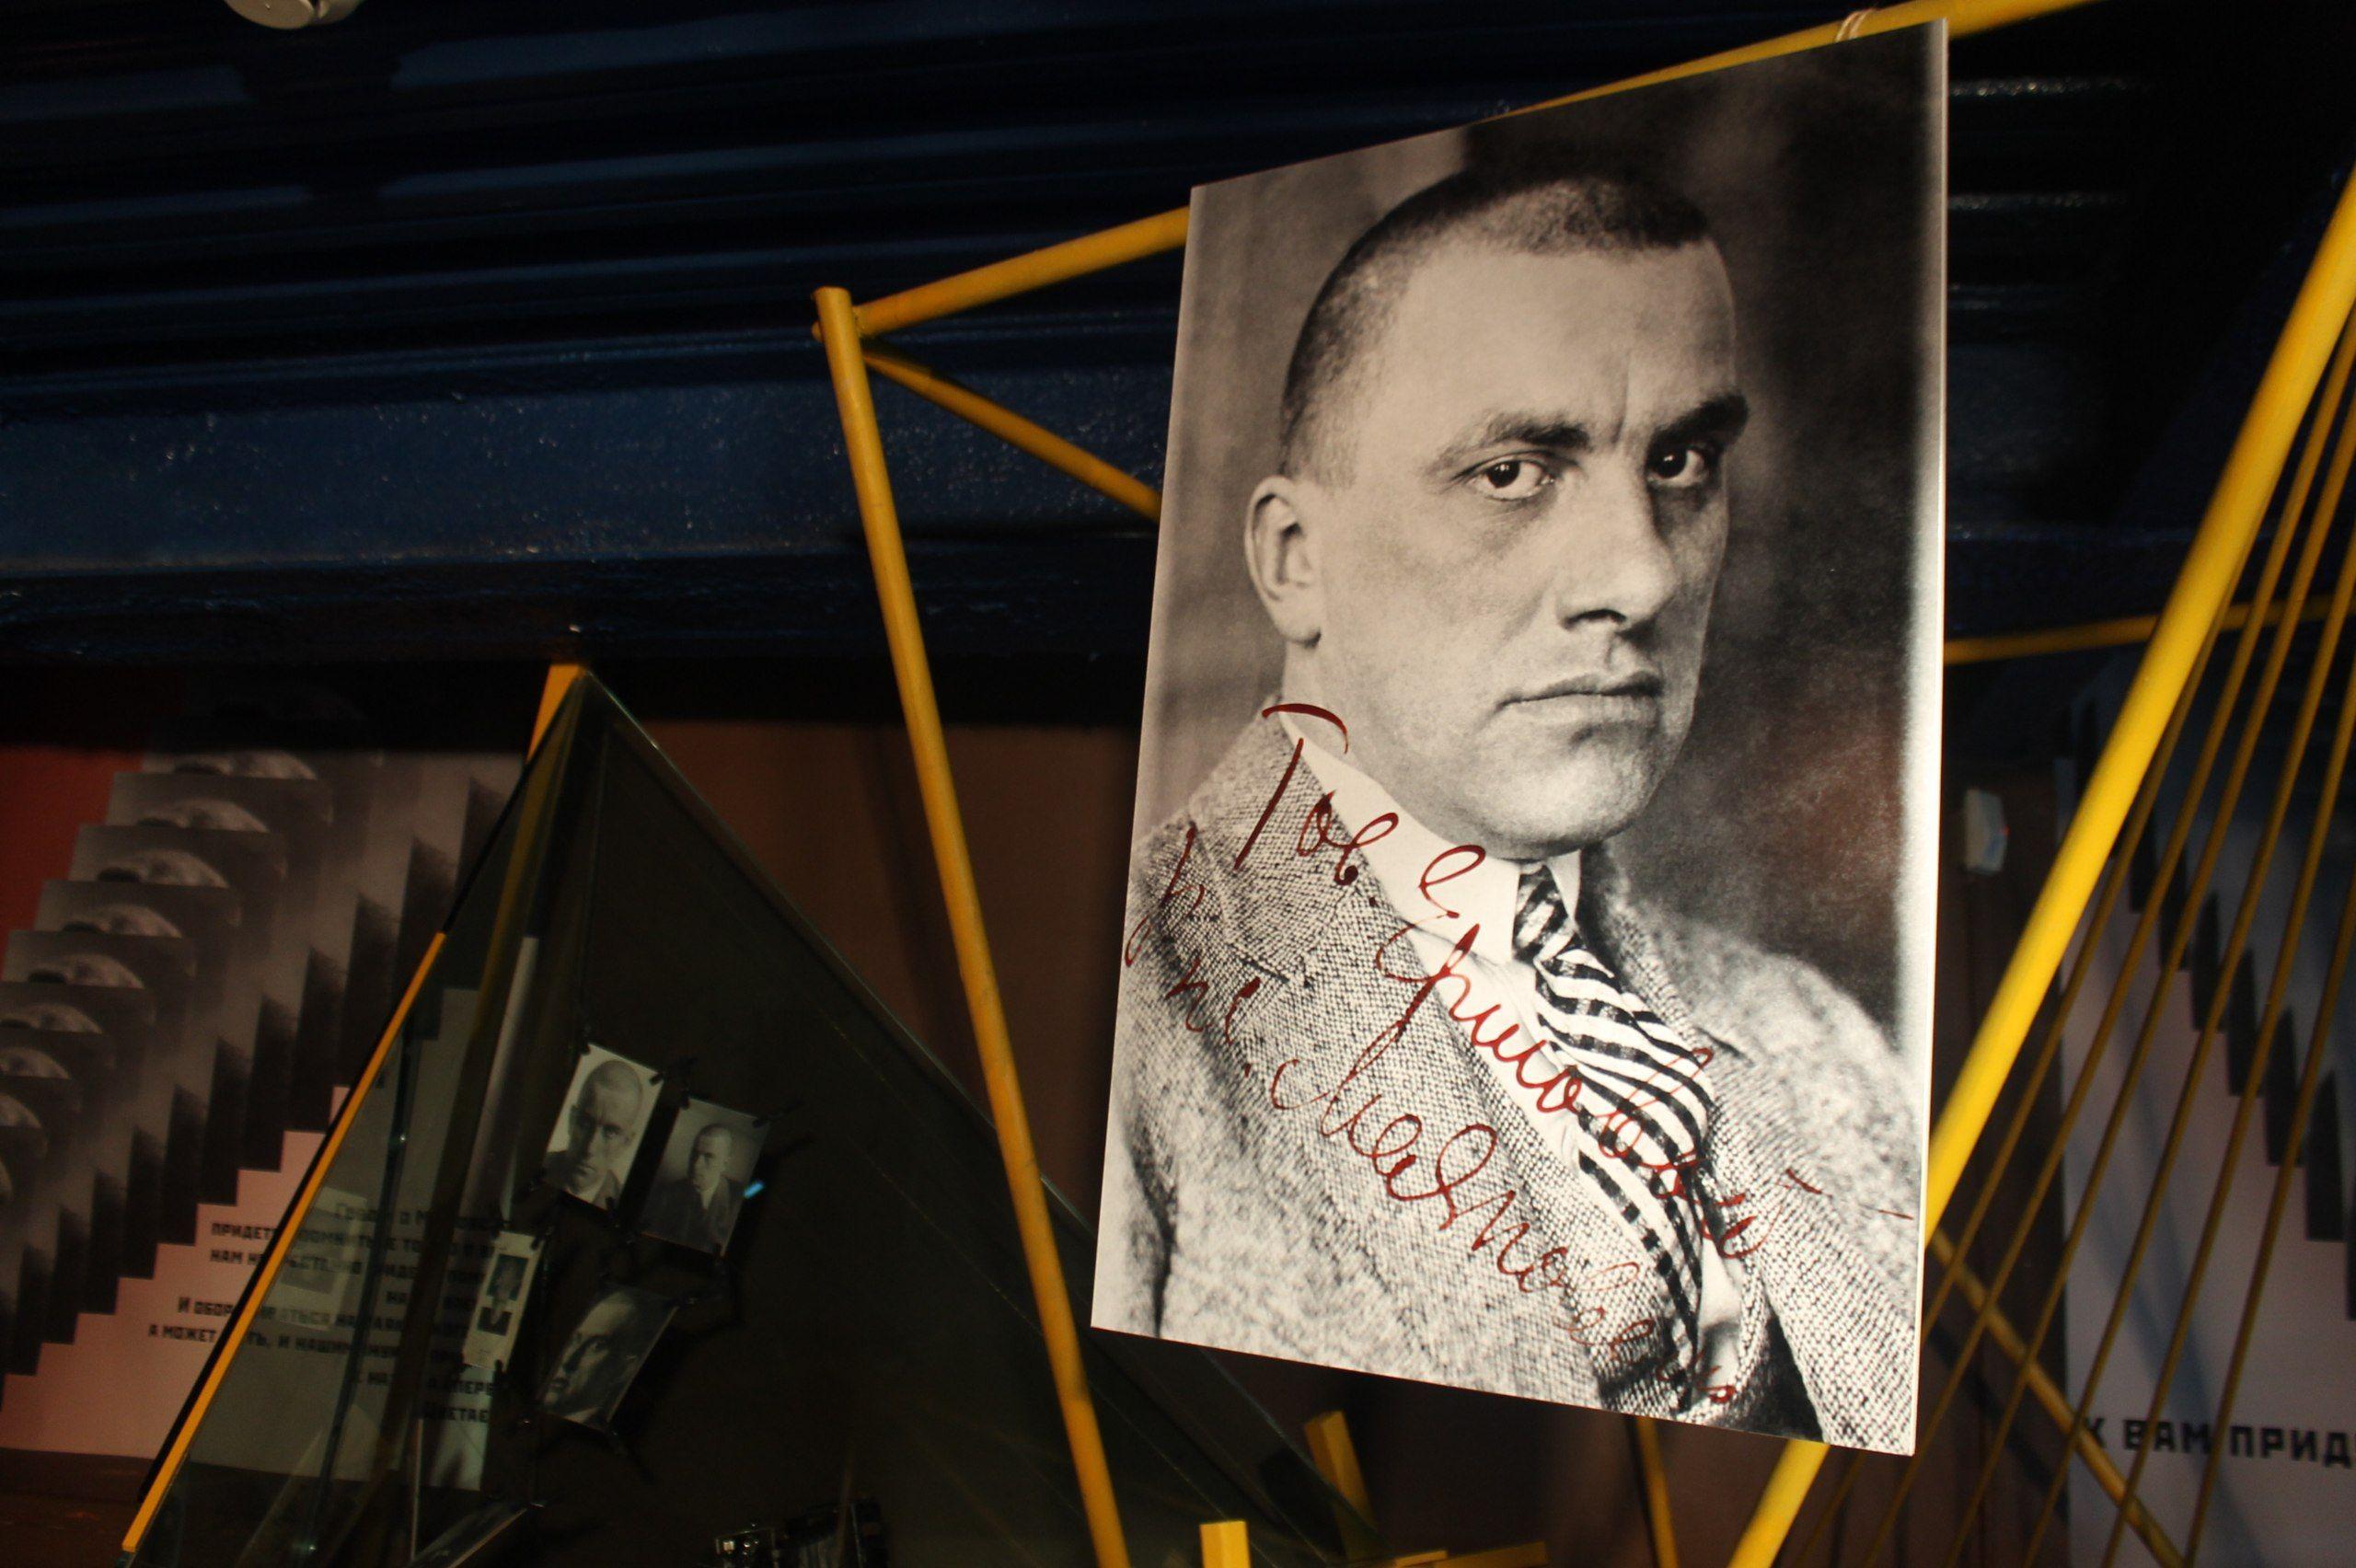 """Организаторы представят ряд исторических артефактов. Фото: Надежда Афанасьева, """"Вечерняя Москва"""""""